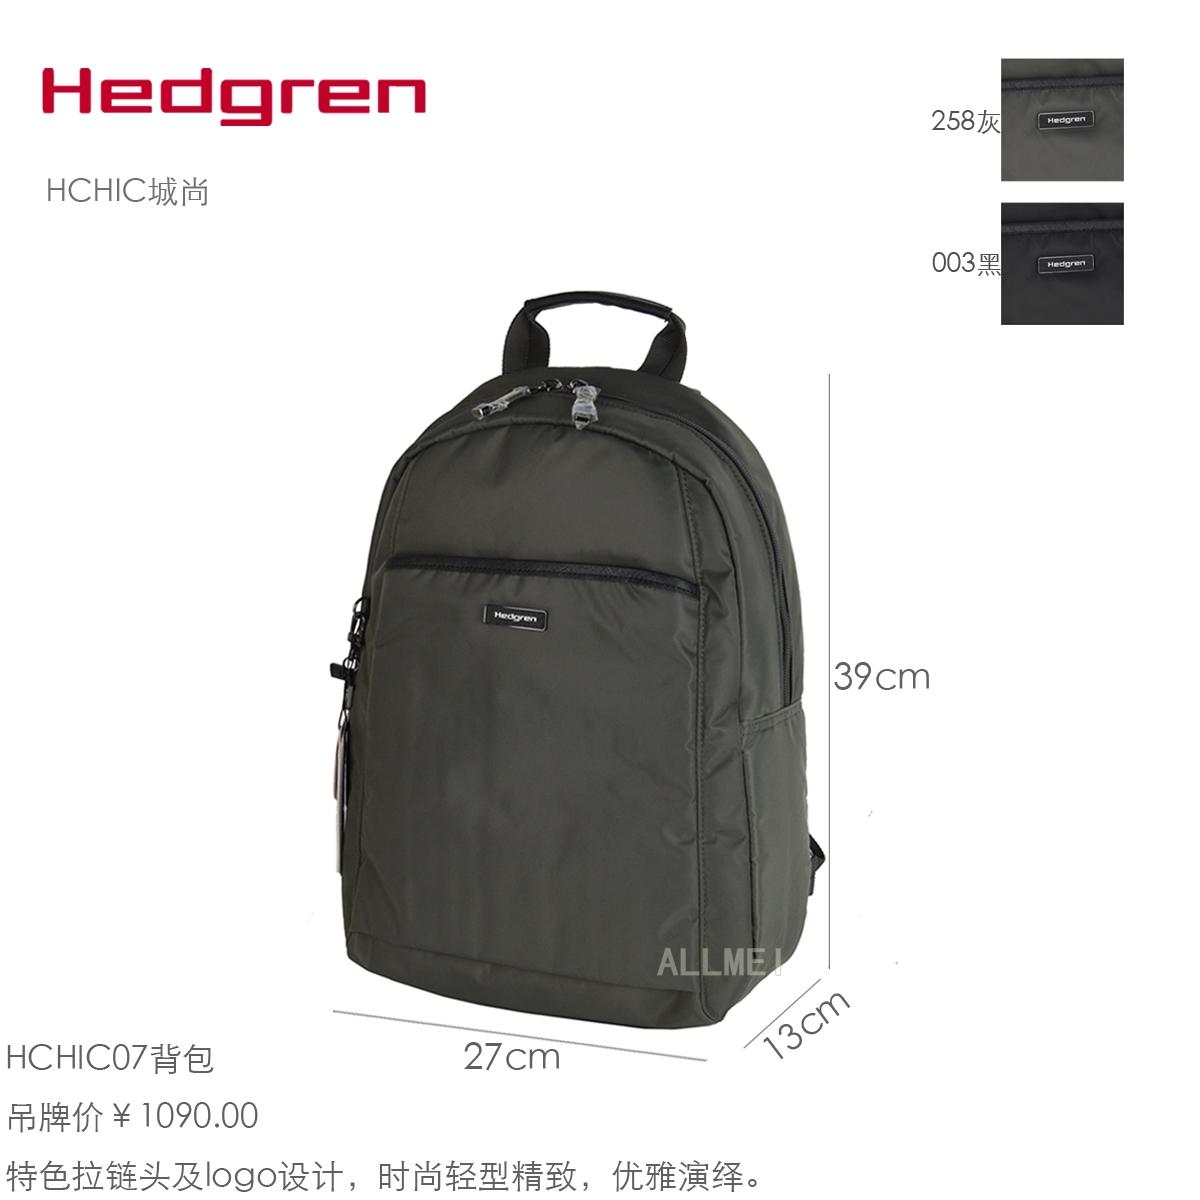 国内代购▲Hedgren海格林 HCHIC07时尚轻型背包双肩包27*39cm专柜